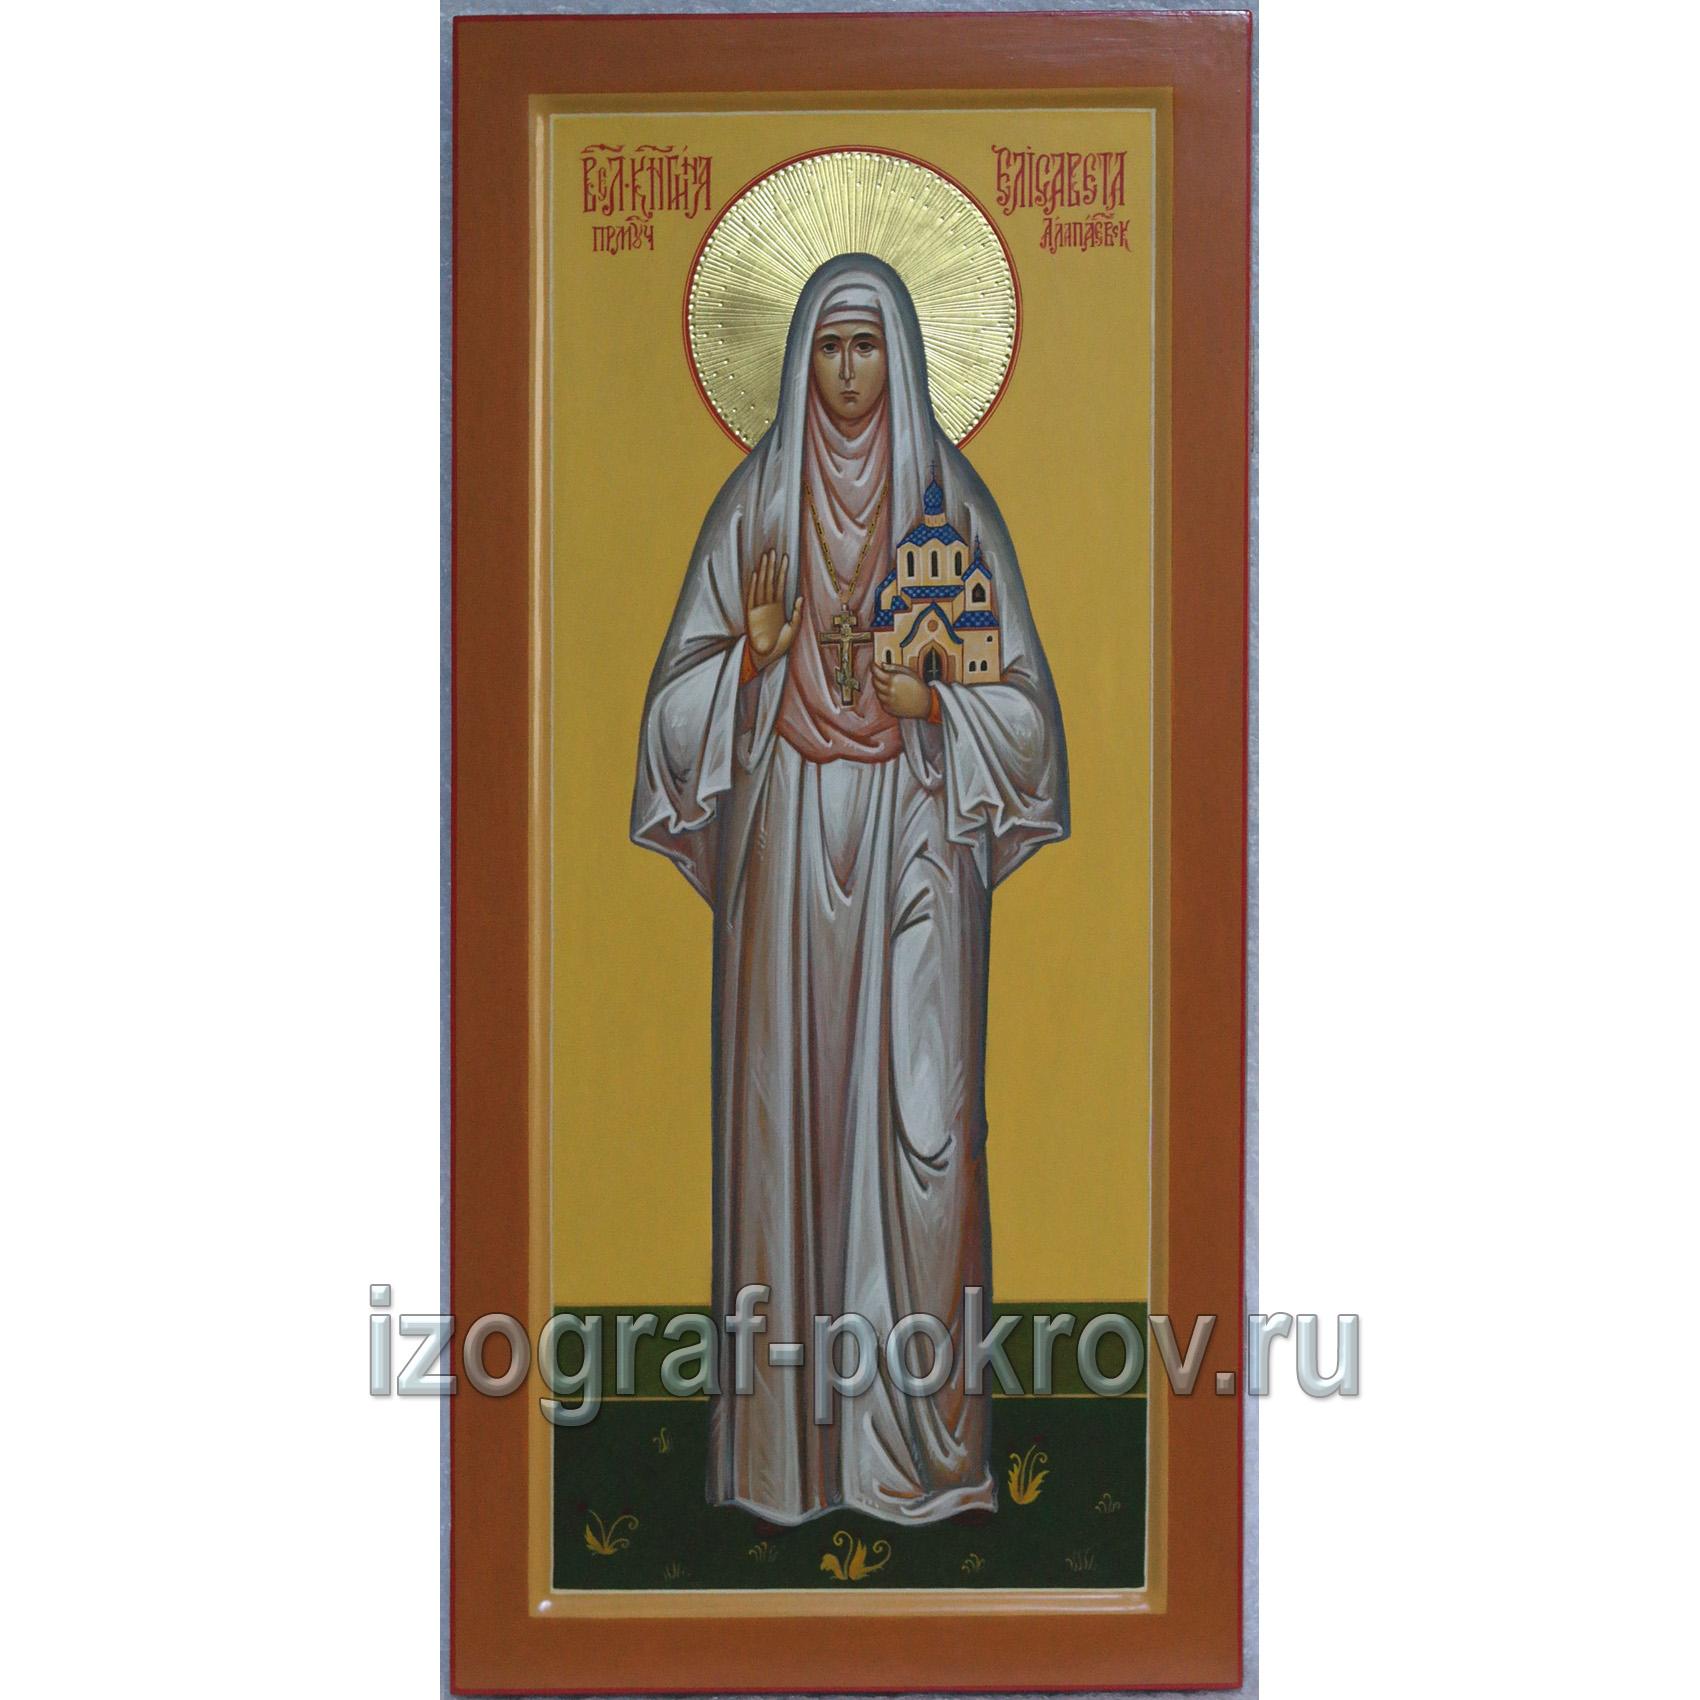 Мерная икона Елисавета Алапаевская (Елизавета)